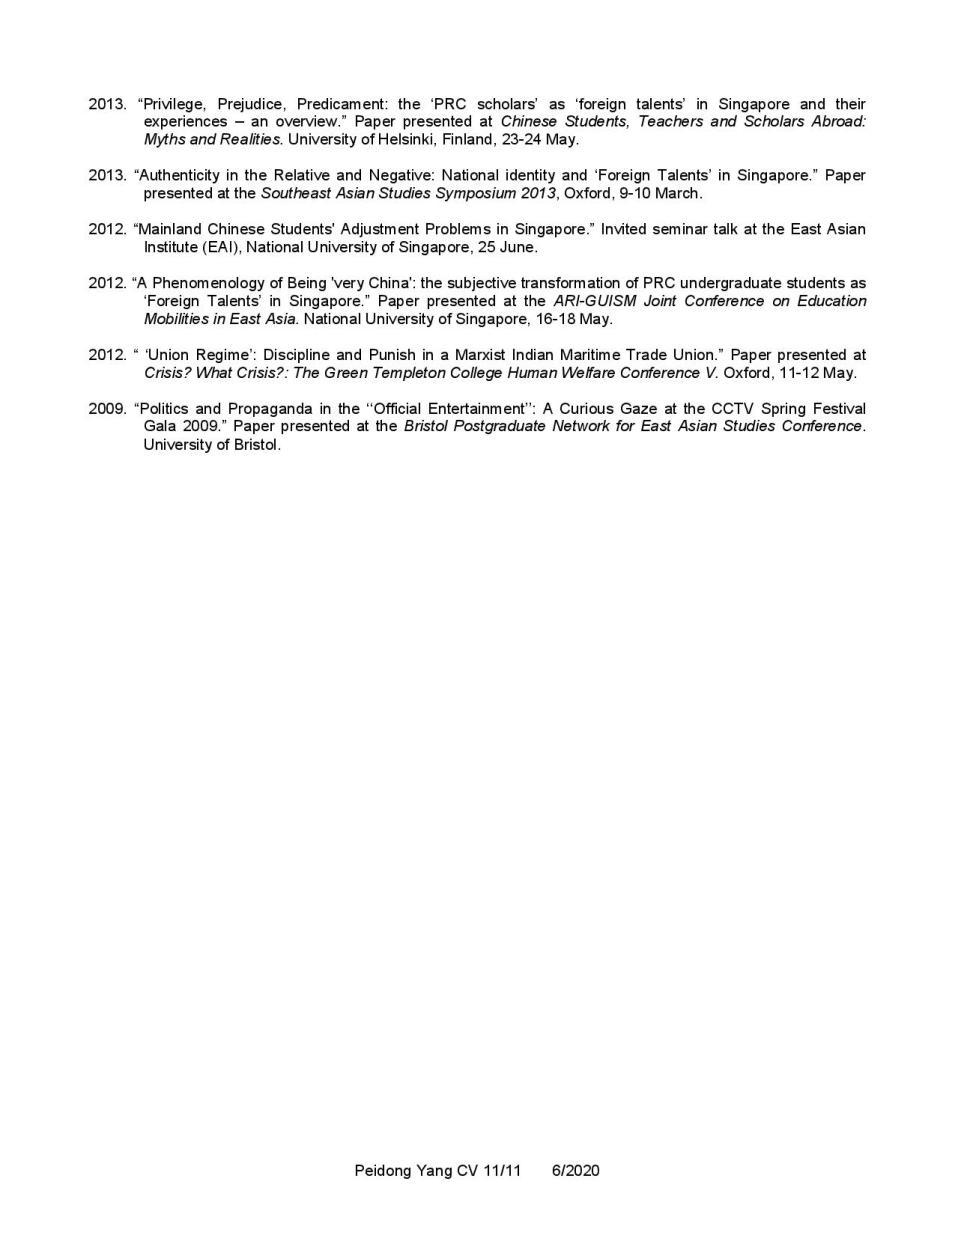 CV YANG Peidong_6.2020-page-011